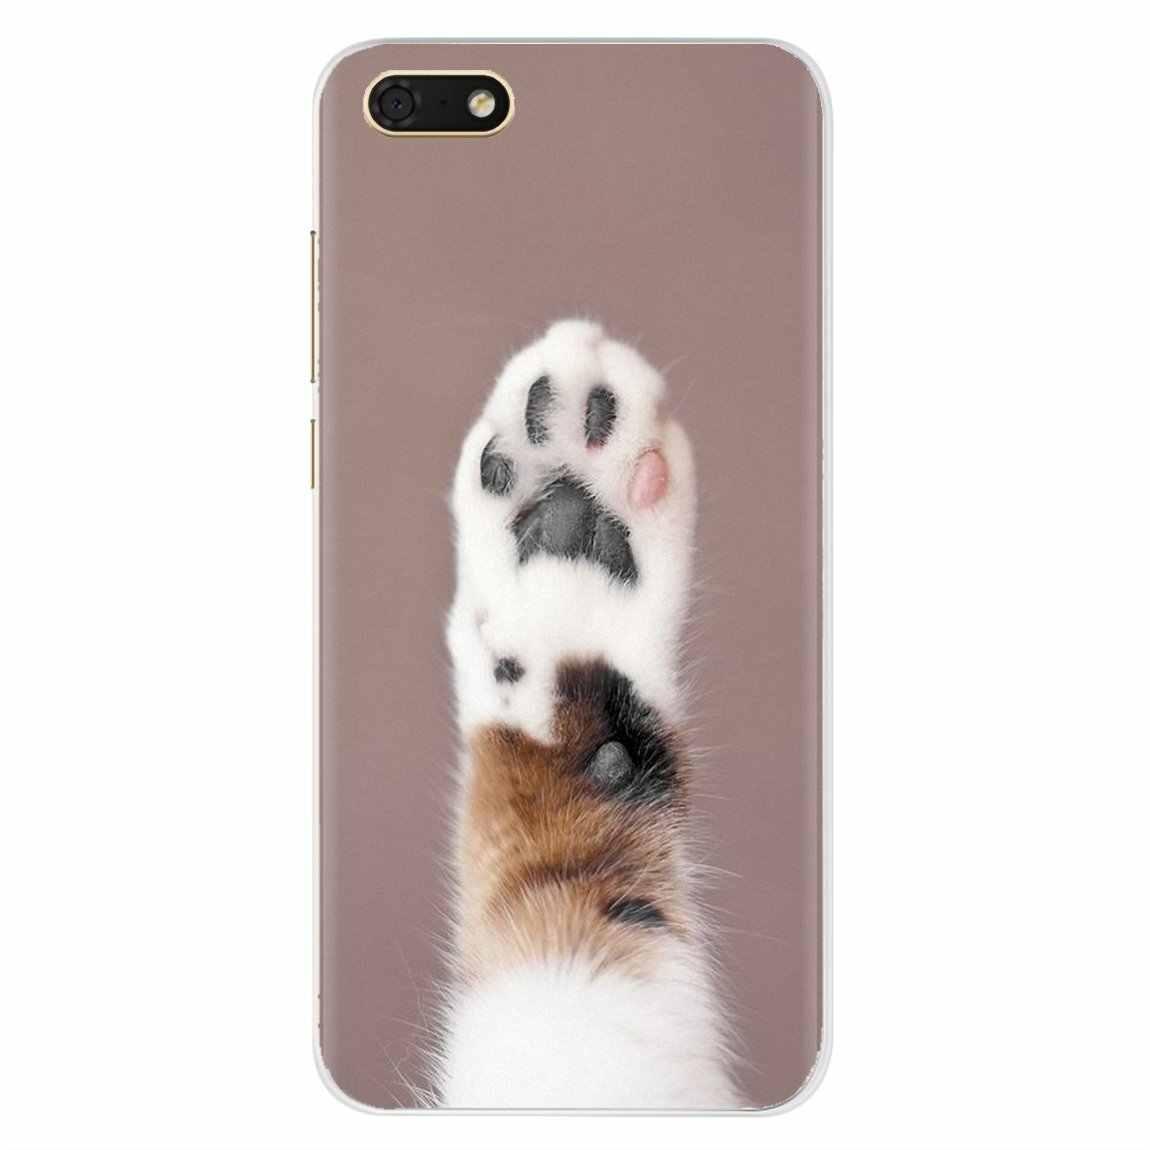 Kot pazur nadruk zwierzęta spersonalizowane silikonowe etui na telefon do Sony Xperia XA Z Z1 Z2 Z3 Z5 XZ1 XZ2 kompaktowy M2 M4 M5 C4 C6 E3 T3